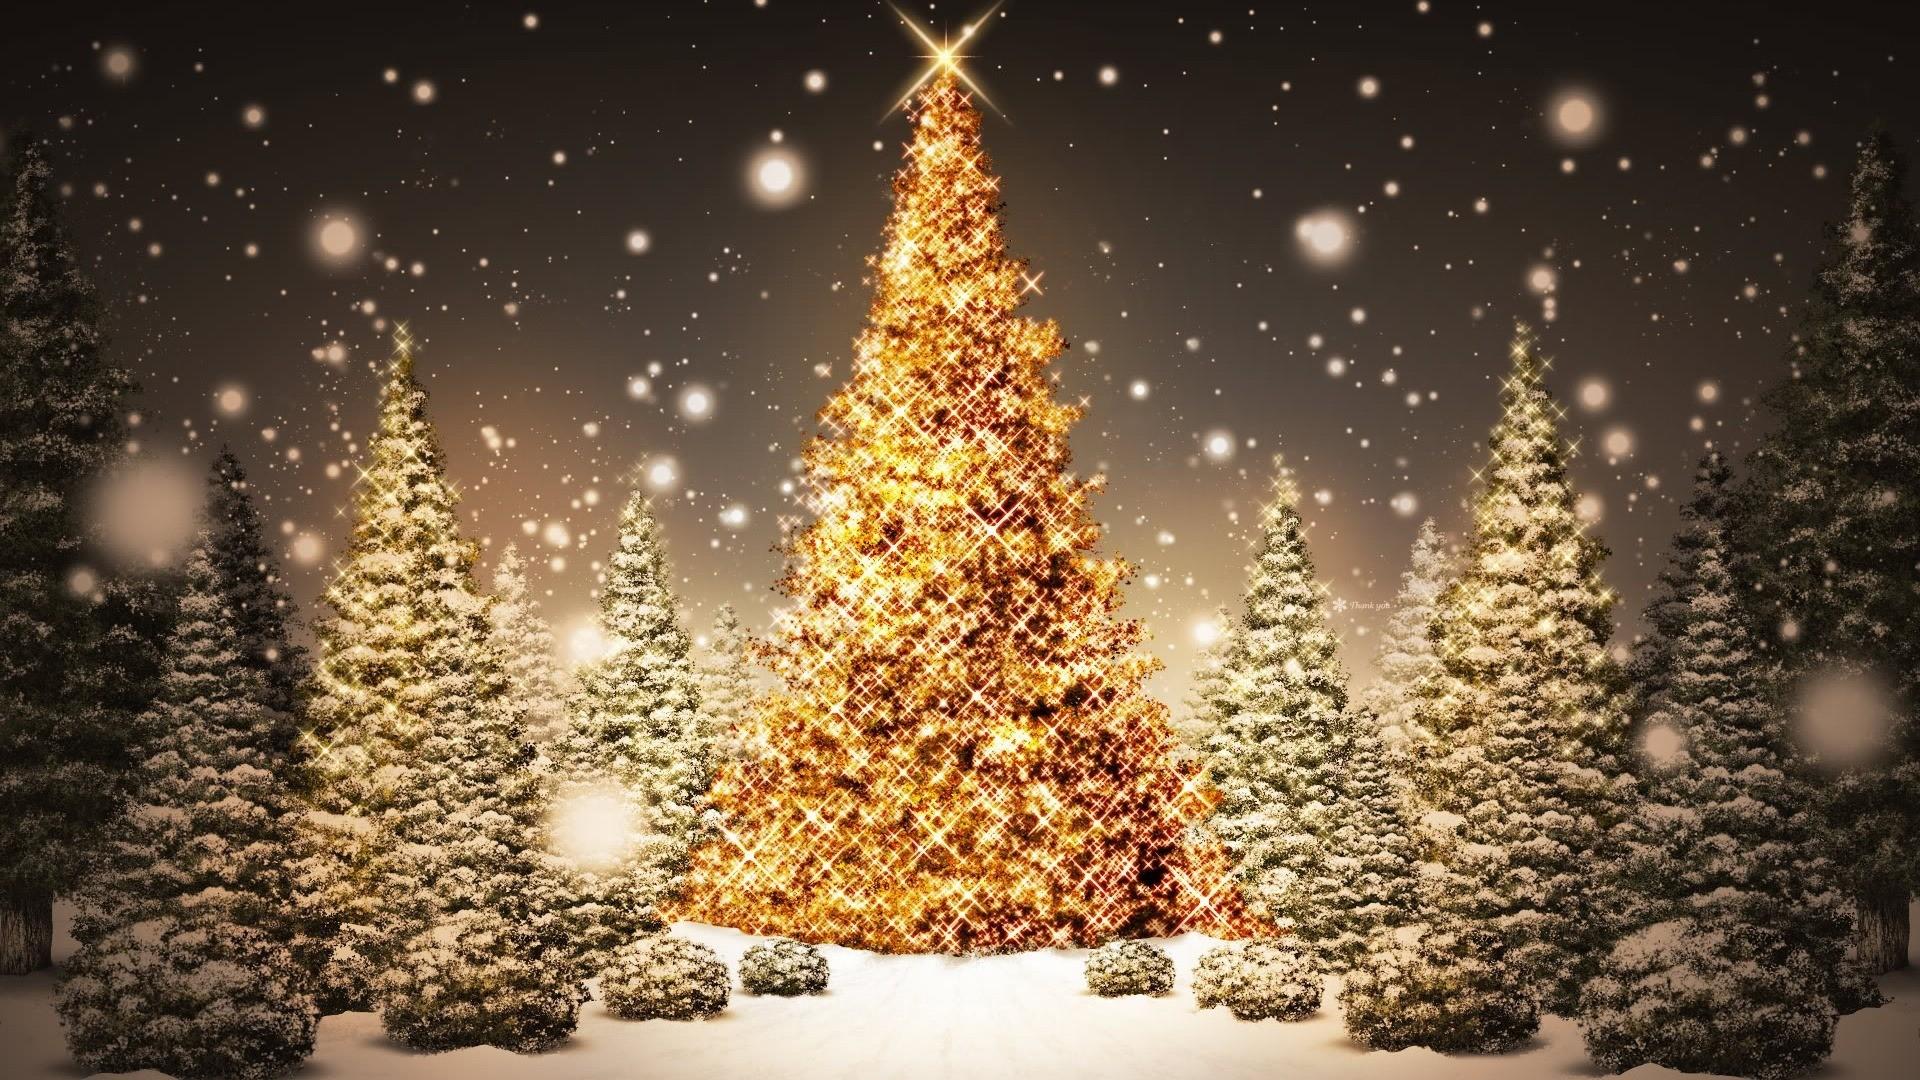 Sfondi desktop natalizi 51 immagini for Natale immagini per desktop